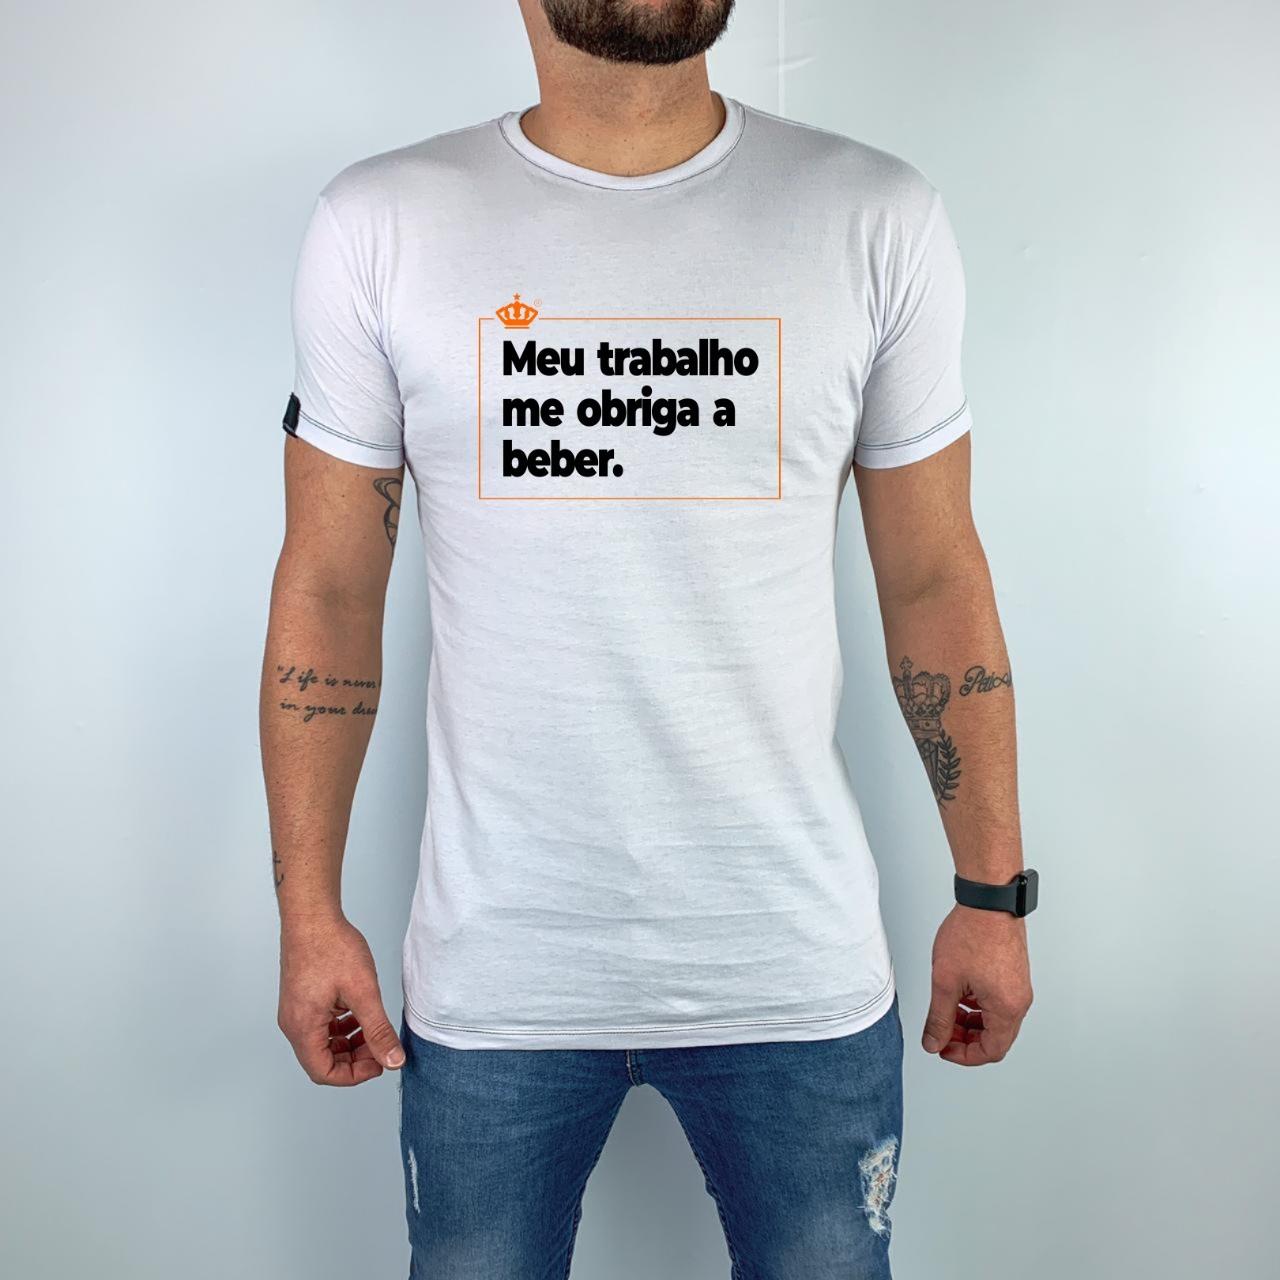 Camiseta Meu trabalho me obriga a beber